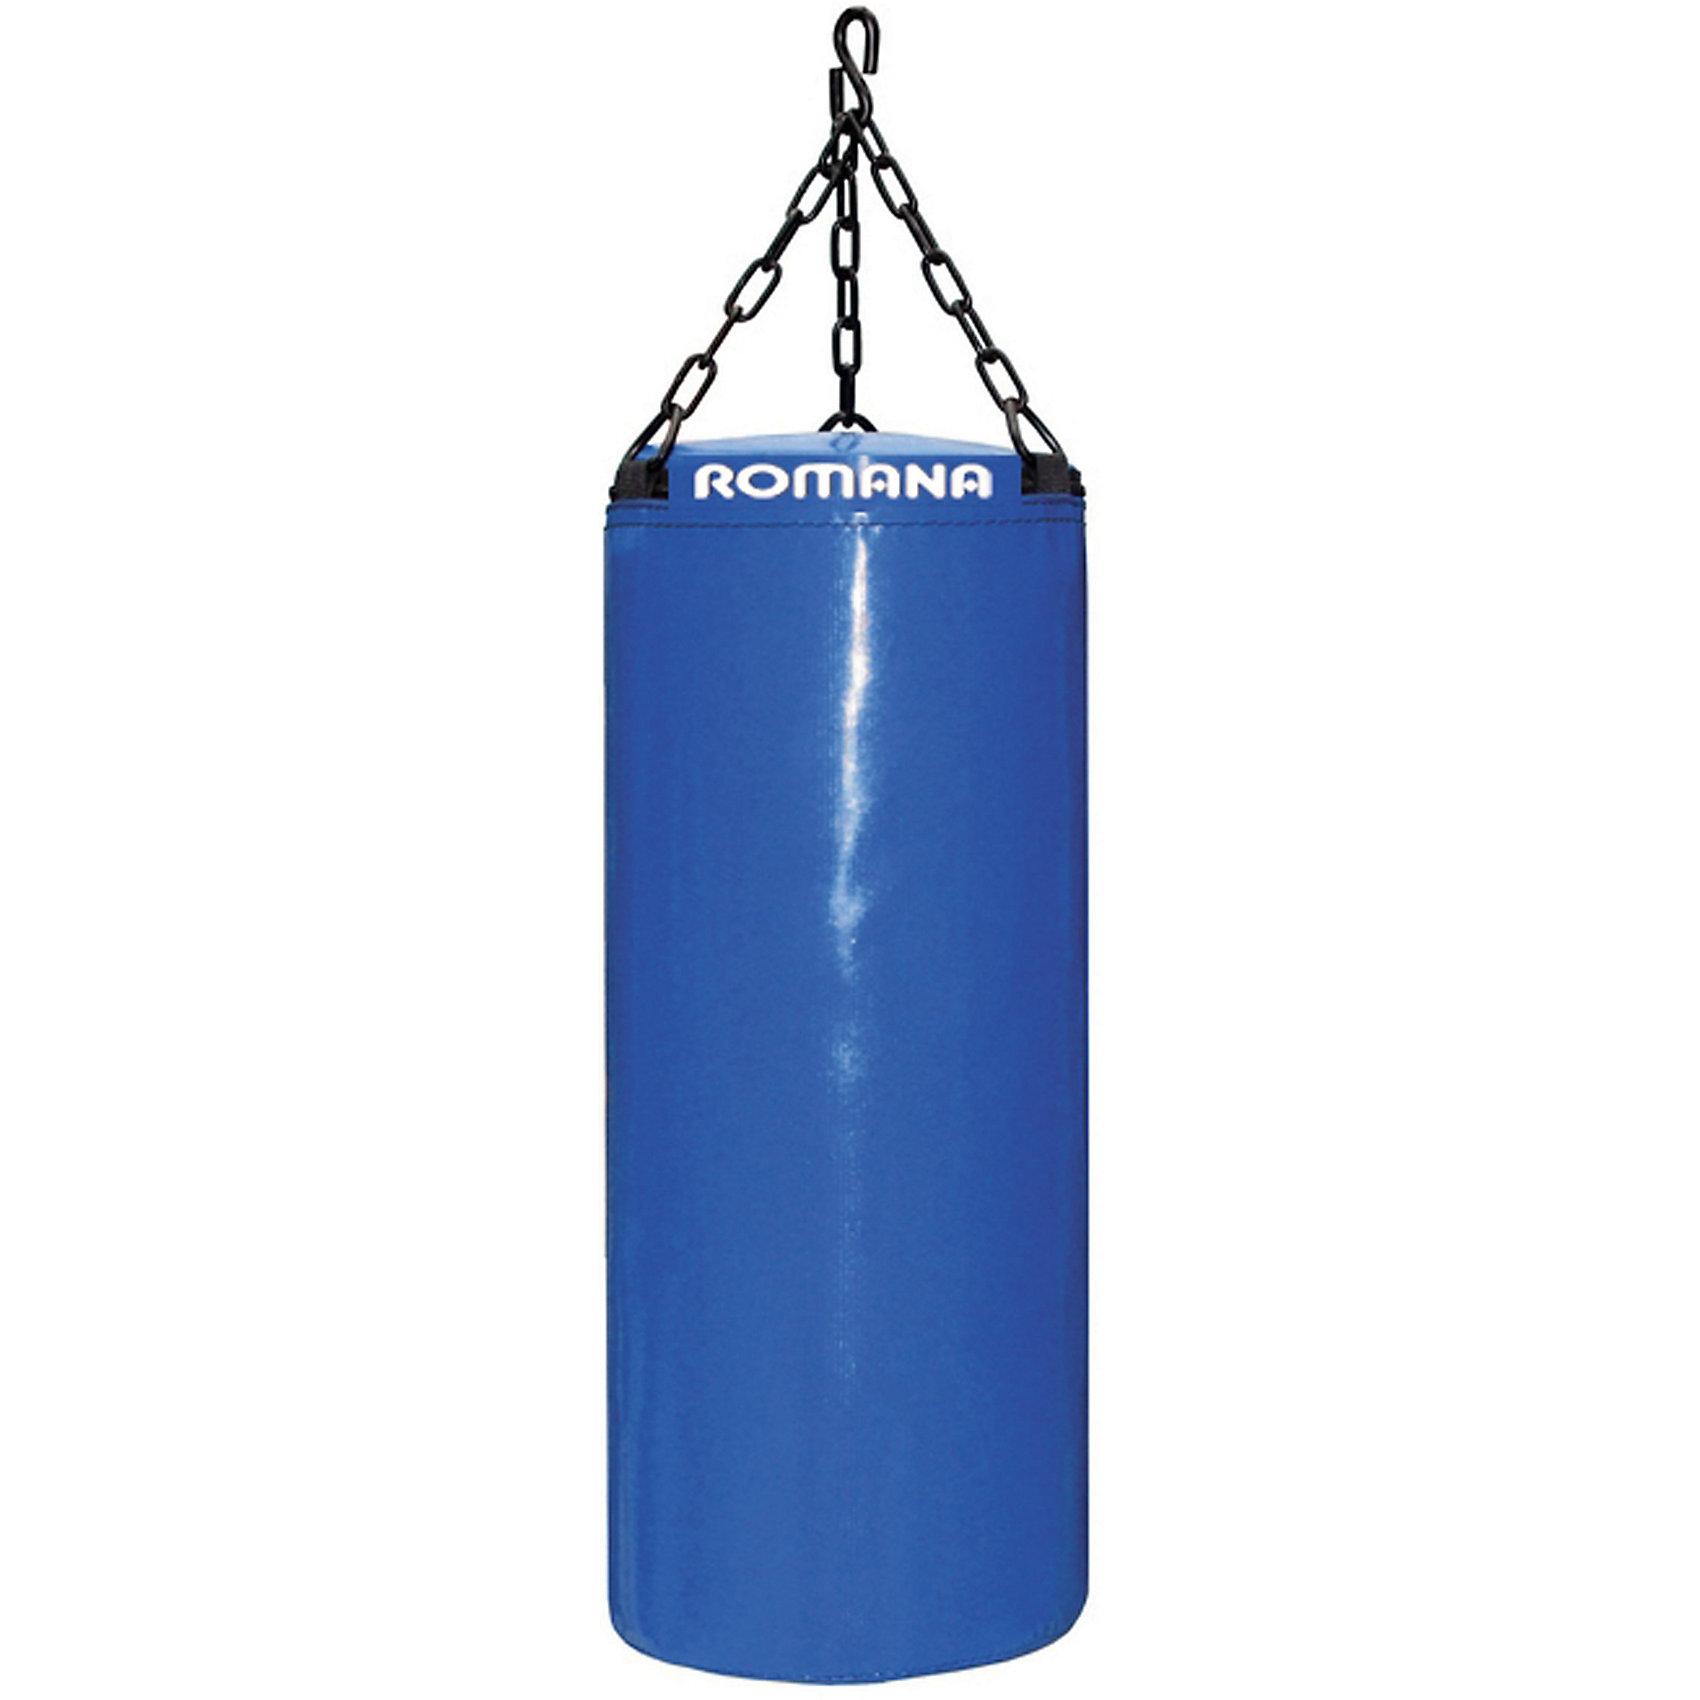 Мешок боксерский, вес 5кг, ROMANAИнвентарь для бокса<br>Малыш мечтает себя почувствовать звездой бокса? Подарите ему настоящий боксерский мешок! Данная модель предназначена как дополнительный элемент к детскому домашнему спортивному комплексу. Игры и спортивные упражнения с тренажером развивают координацию, укрепляют мышцы и тренируют физическую форму. Все детали легко очищаются даже от самых сложных загрязнений. Материалы, использованные при изготовлении изделия, абсолютно безопасны для детей и отвечают всем международным требованиям по качеству. <br><br>Дополнительная информация: <br><br>цвет: в ассортименте;<br>размер: 20 х 20 х 40 см;<br>вес: в ассортименте;<br>вес: 5 кг;<br>материал: поролон, винилискожа.<br><br>Детский боксерский мешок от компании ROMANA можно приобрести в нашем магазине.<br><br>Ширина мм: 400<br>Глубина мм: 200<br>Высота мм: 200<br>Вес г: 5000<br>Возраст от месяцев: 60<br>Возраст до месяцев: 84<br>Пол: Унисекс<br>Возраст: Детский<br>SKU: 4993354